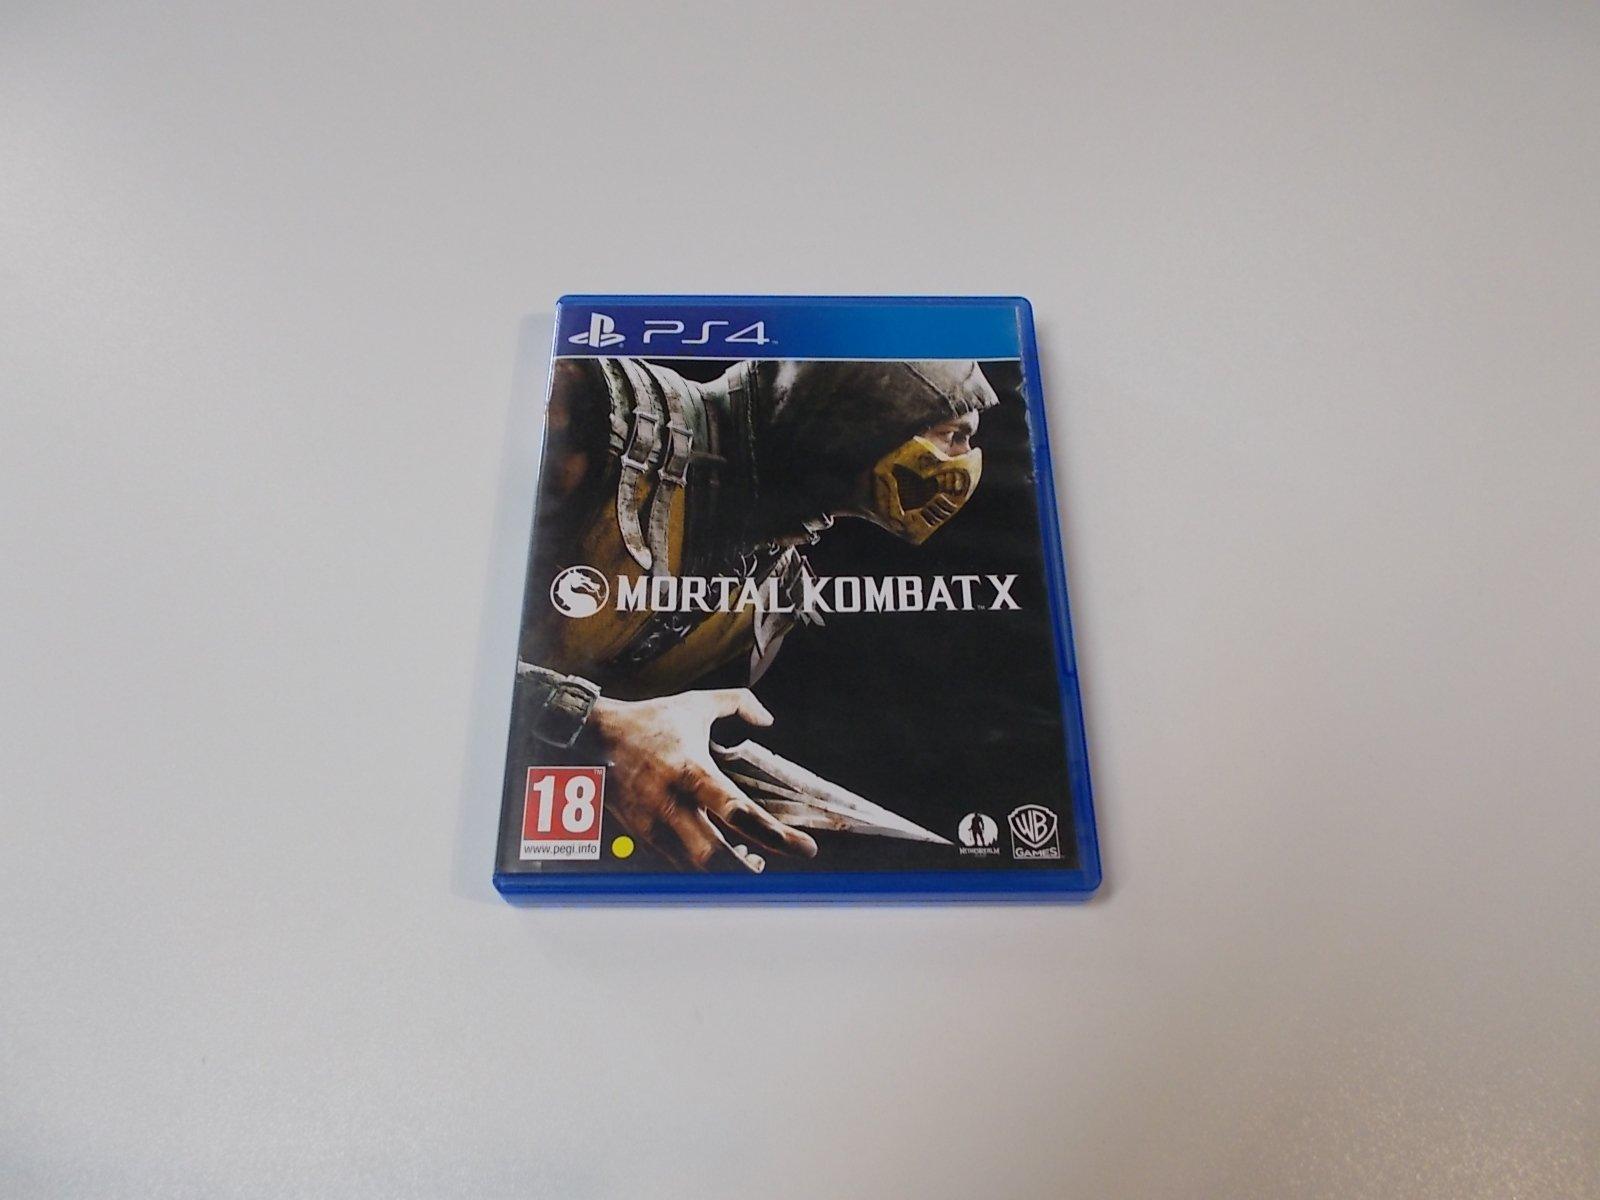 Mortal kombat X - GRA Ps4 - Opole 0546